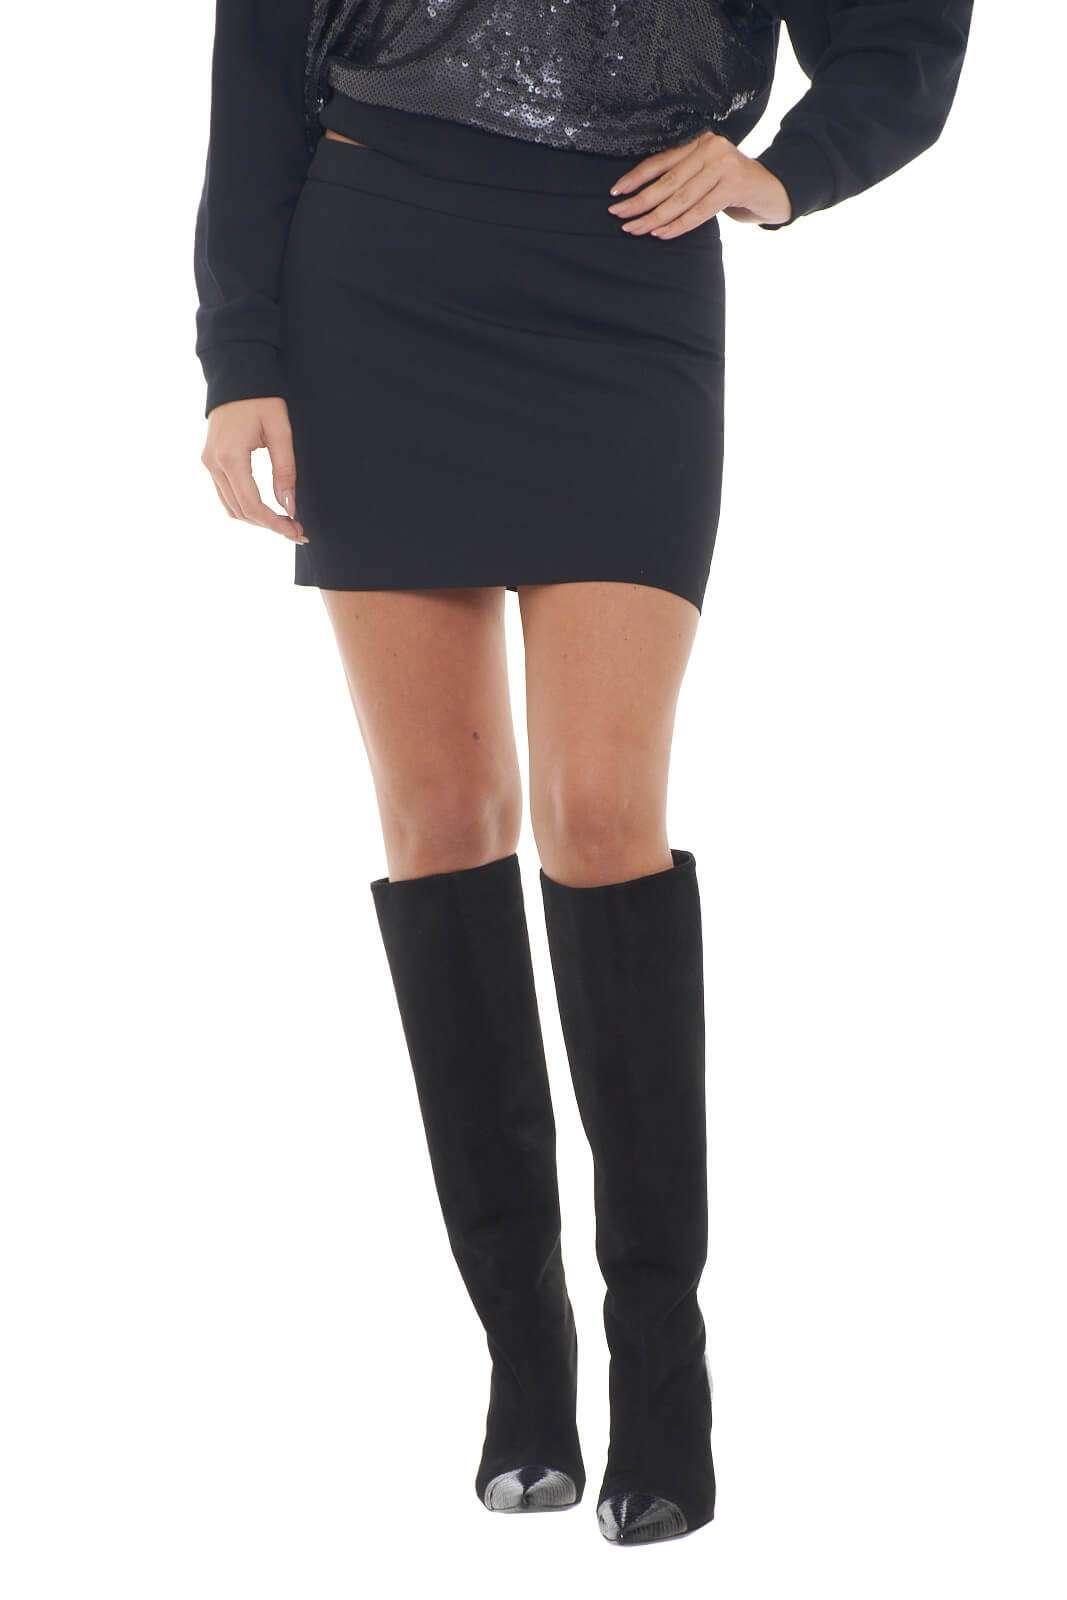 Una minigonna realizzata in pura lana vergine, quella firmata Patrizia Pepe. Perfetta da indossare con stivali alti per uno stile contemporaneo e fashion. L'ideale per look senza mezze misure, femminili e alla moda.  La modella è alta 1,78m e indossa la taglia 42.